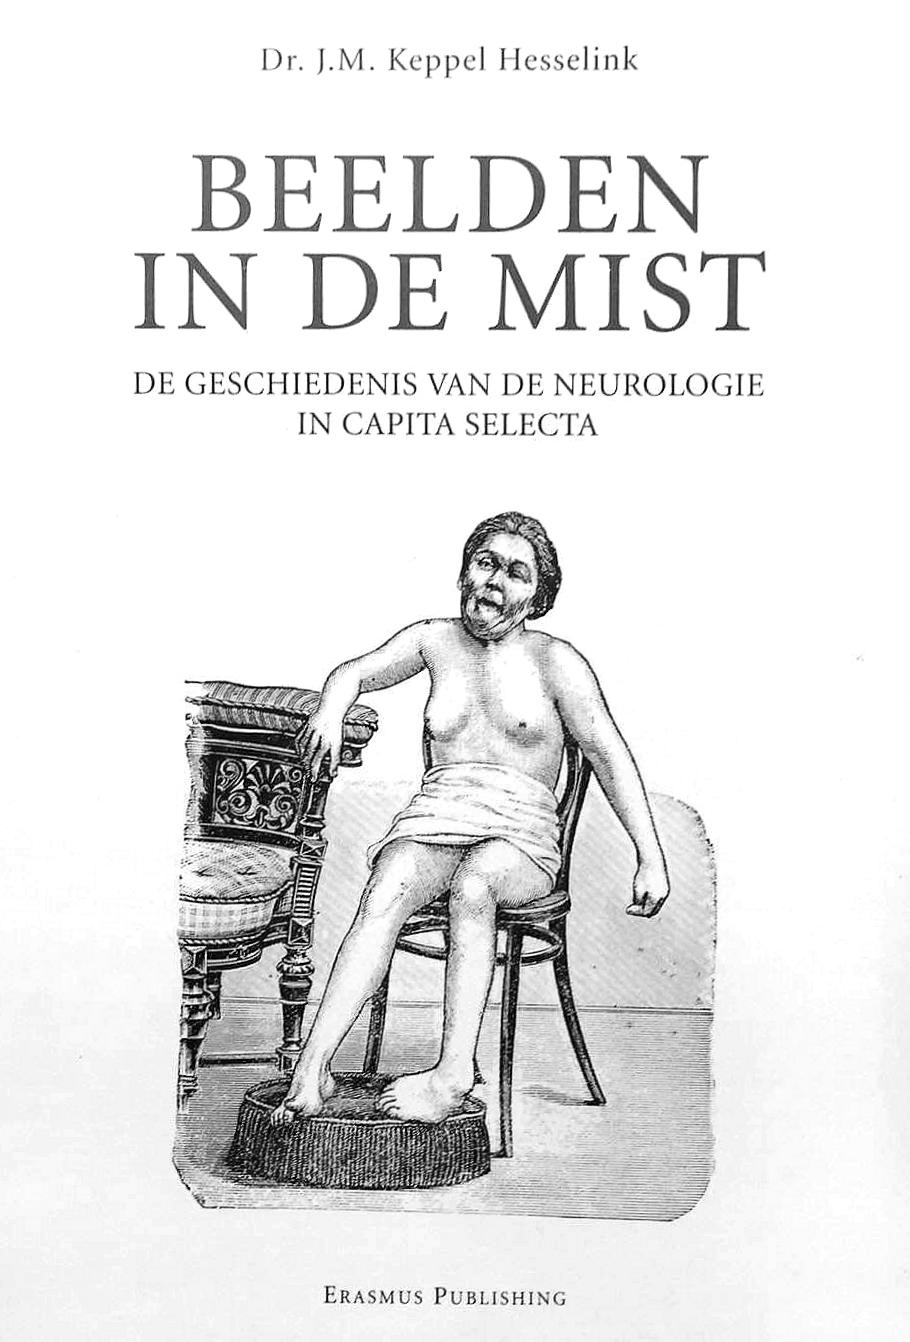 Het boek 'Beelden in de mist' van Prof. dr. J.M. Keppel Hesselink